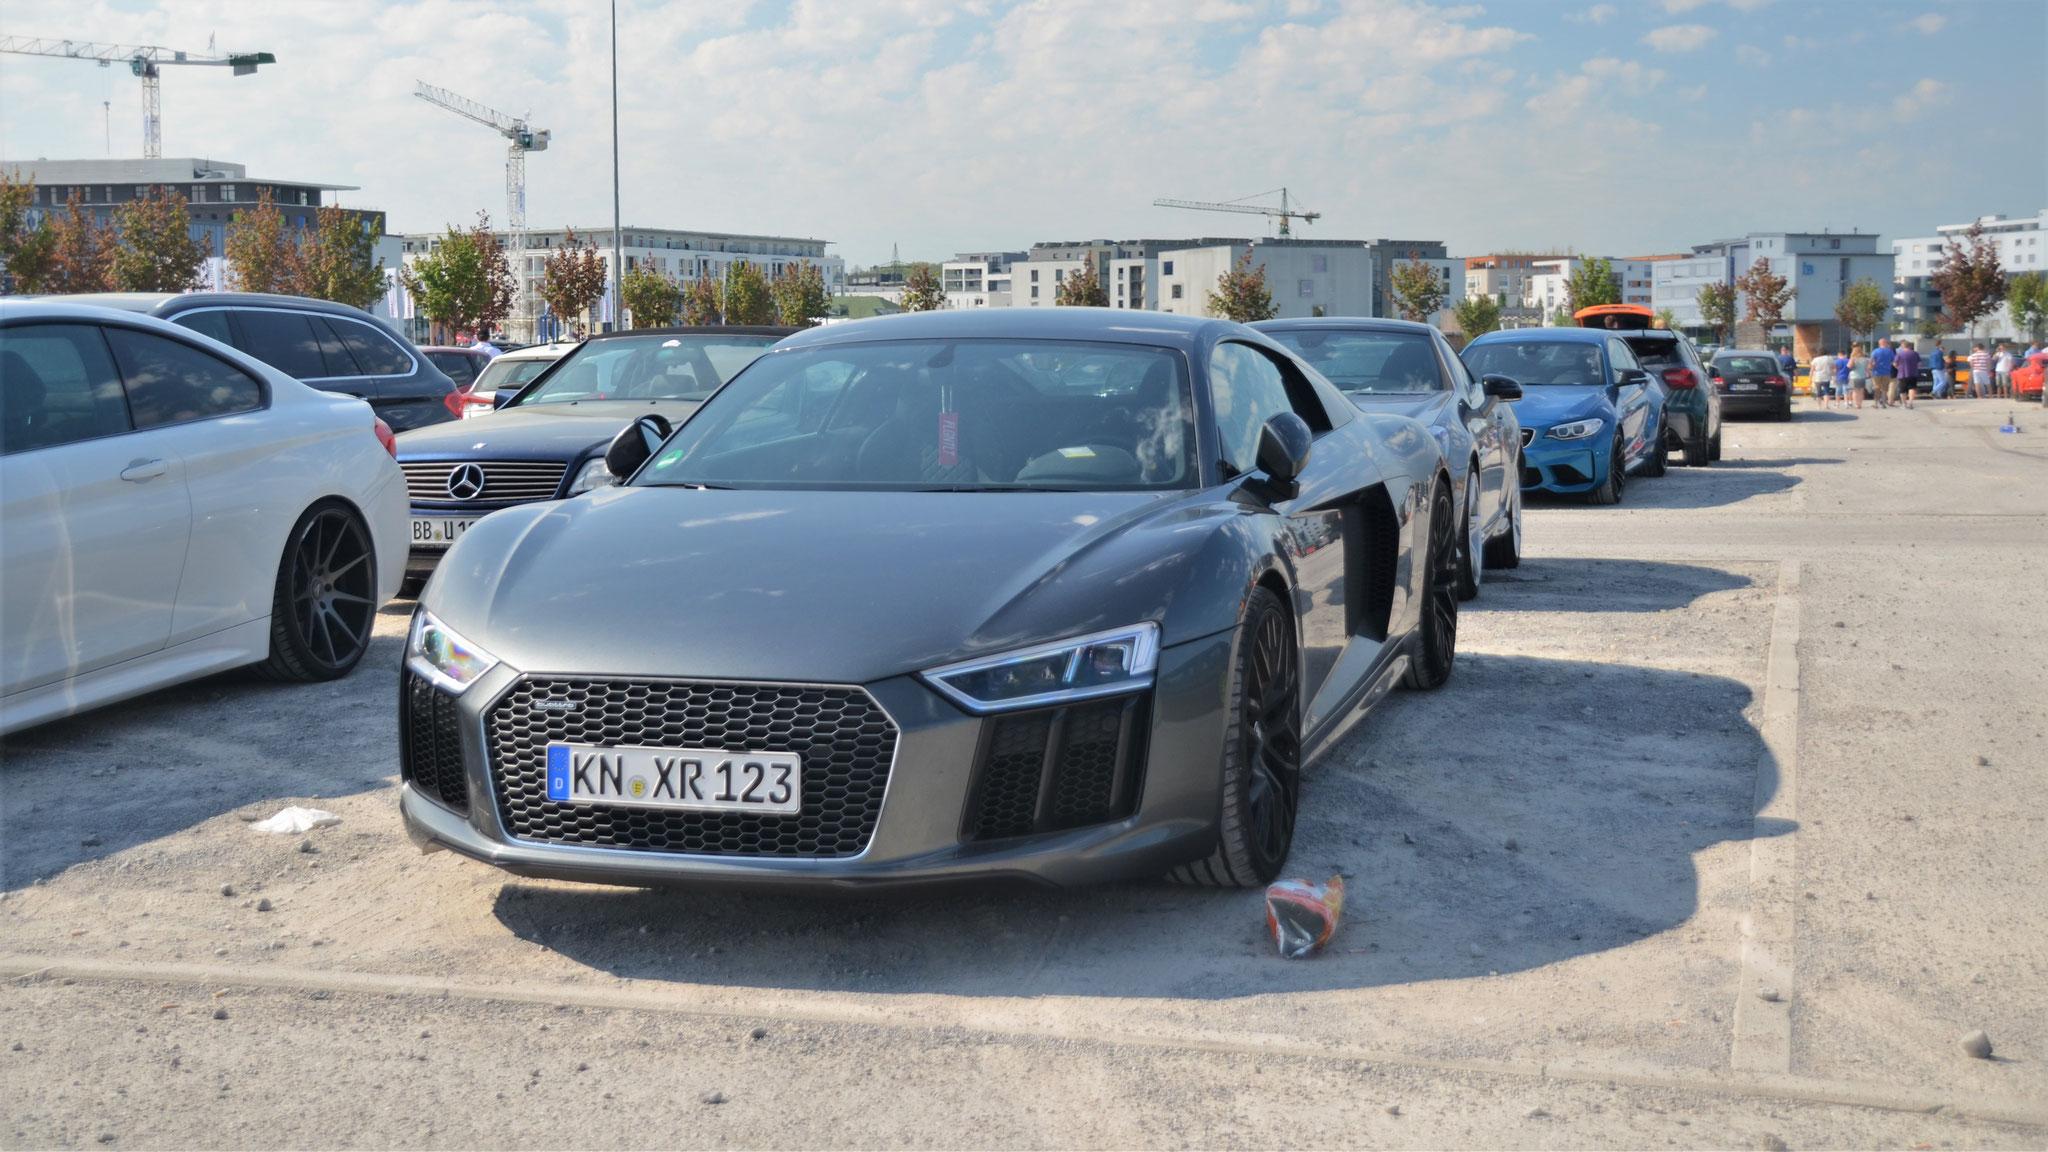 Audi R8 V10 - KN-XR-123